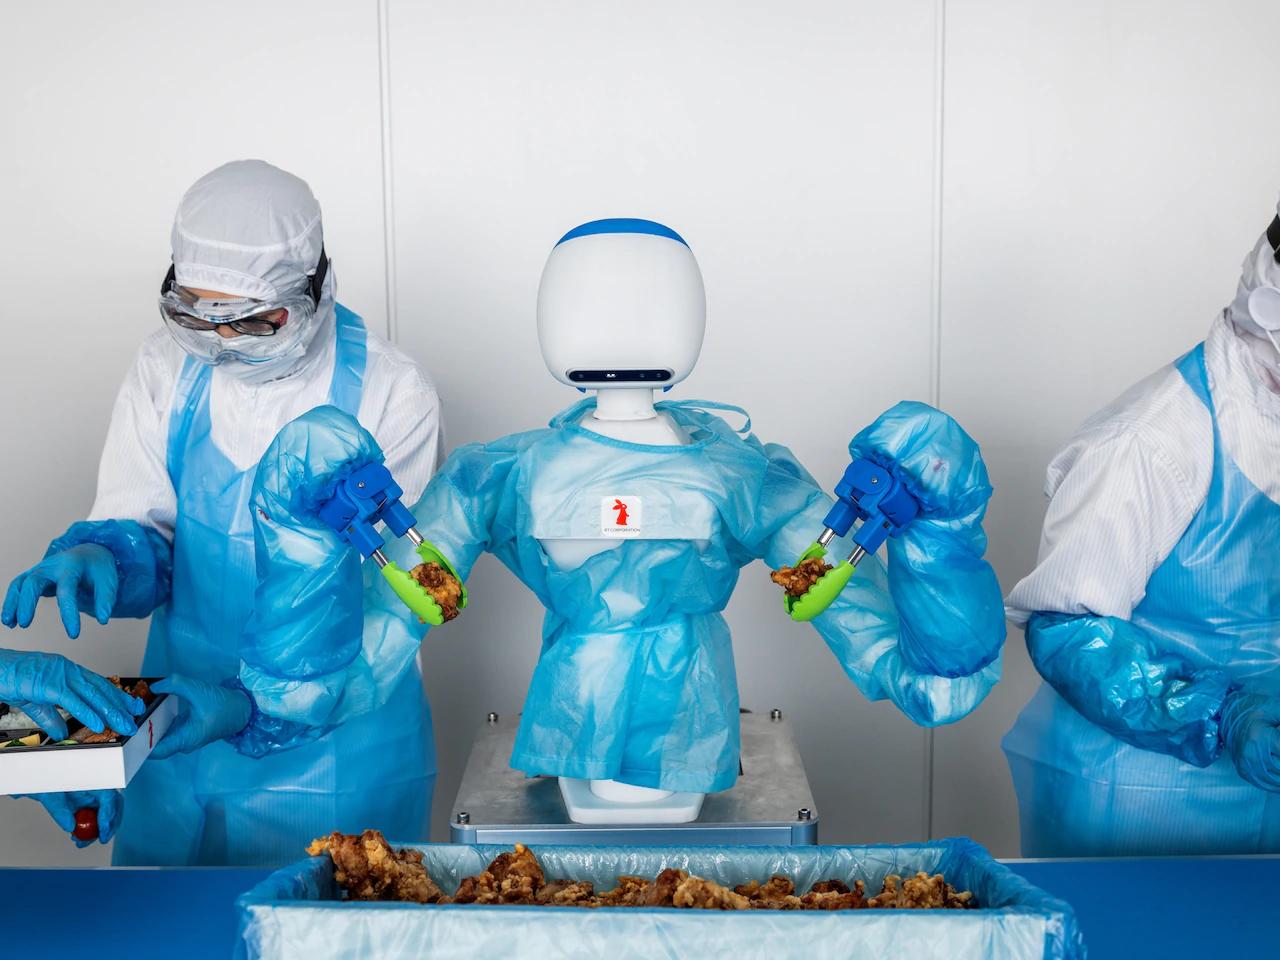 Công nghệ mới giúp robot đương đầu với sự thay đổi liên tục và những hình thù nhiều góc cạnh mà con người gặp phải khi làm việc. Về ẩm thực, robot cộng tác (cobot) được phát triển bởi Tập đoàn RT biết sử dụng thị giác và các thuật toán nâng cao, cũng như cánh tay biết cầm nắm để xếp thịt gà vào hộp thức ăn.